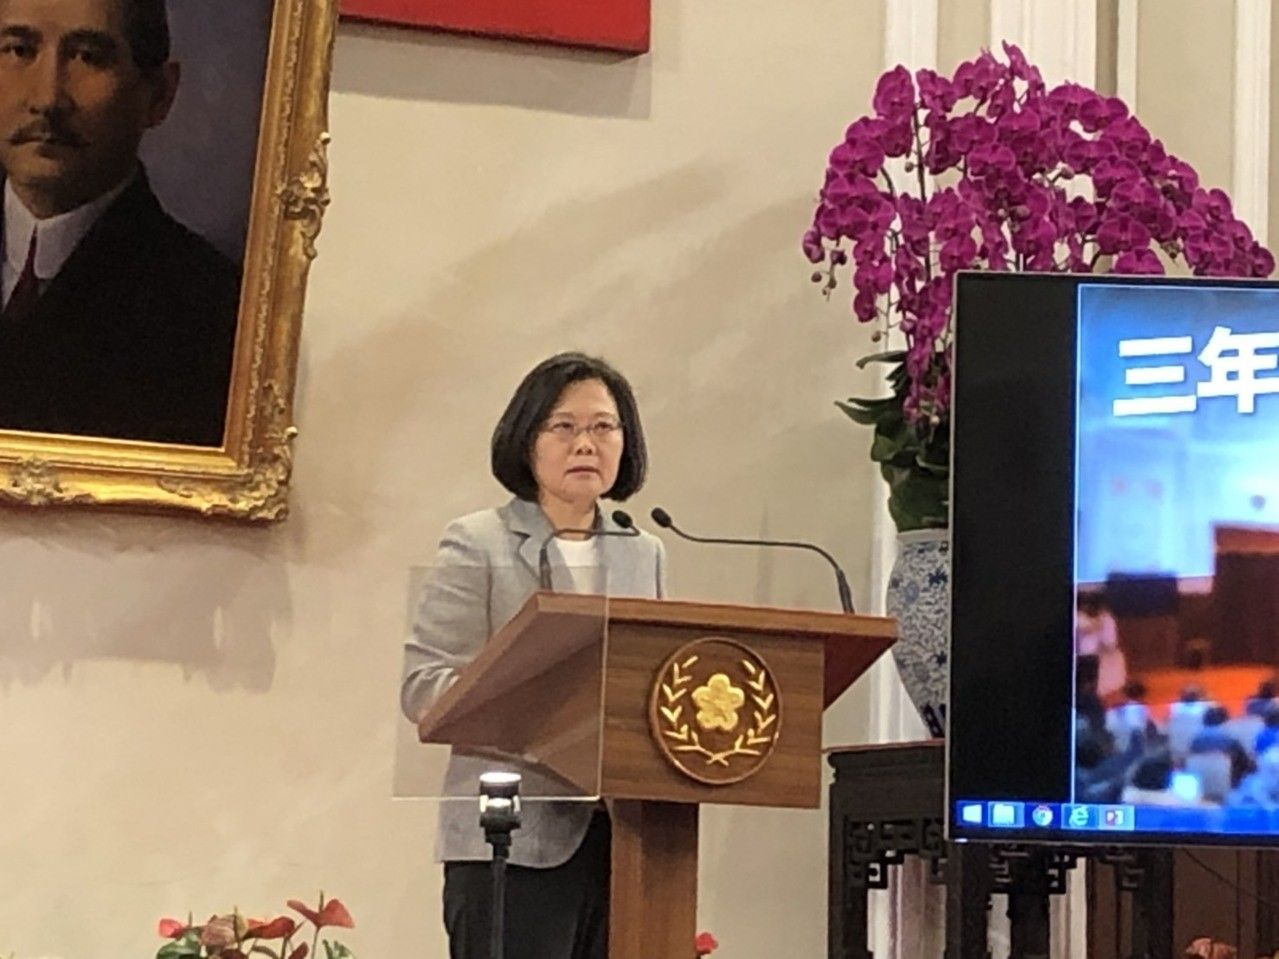 蔡英文上台3年 郭台铭:她如果连任将是台湾的不幸